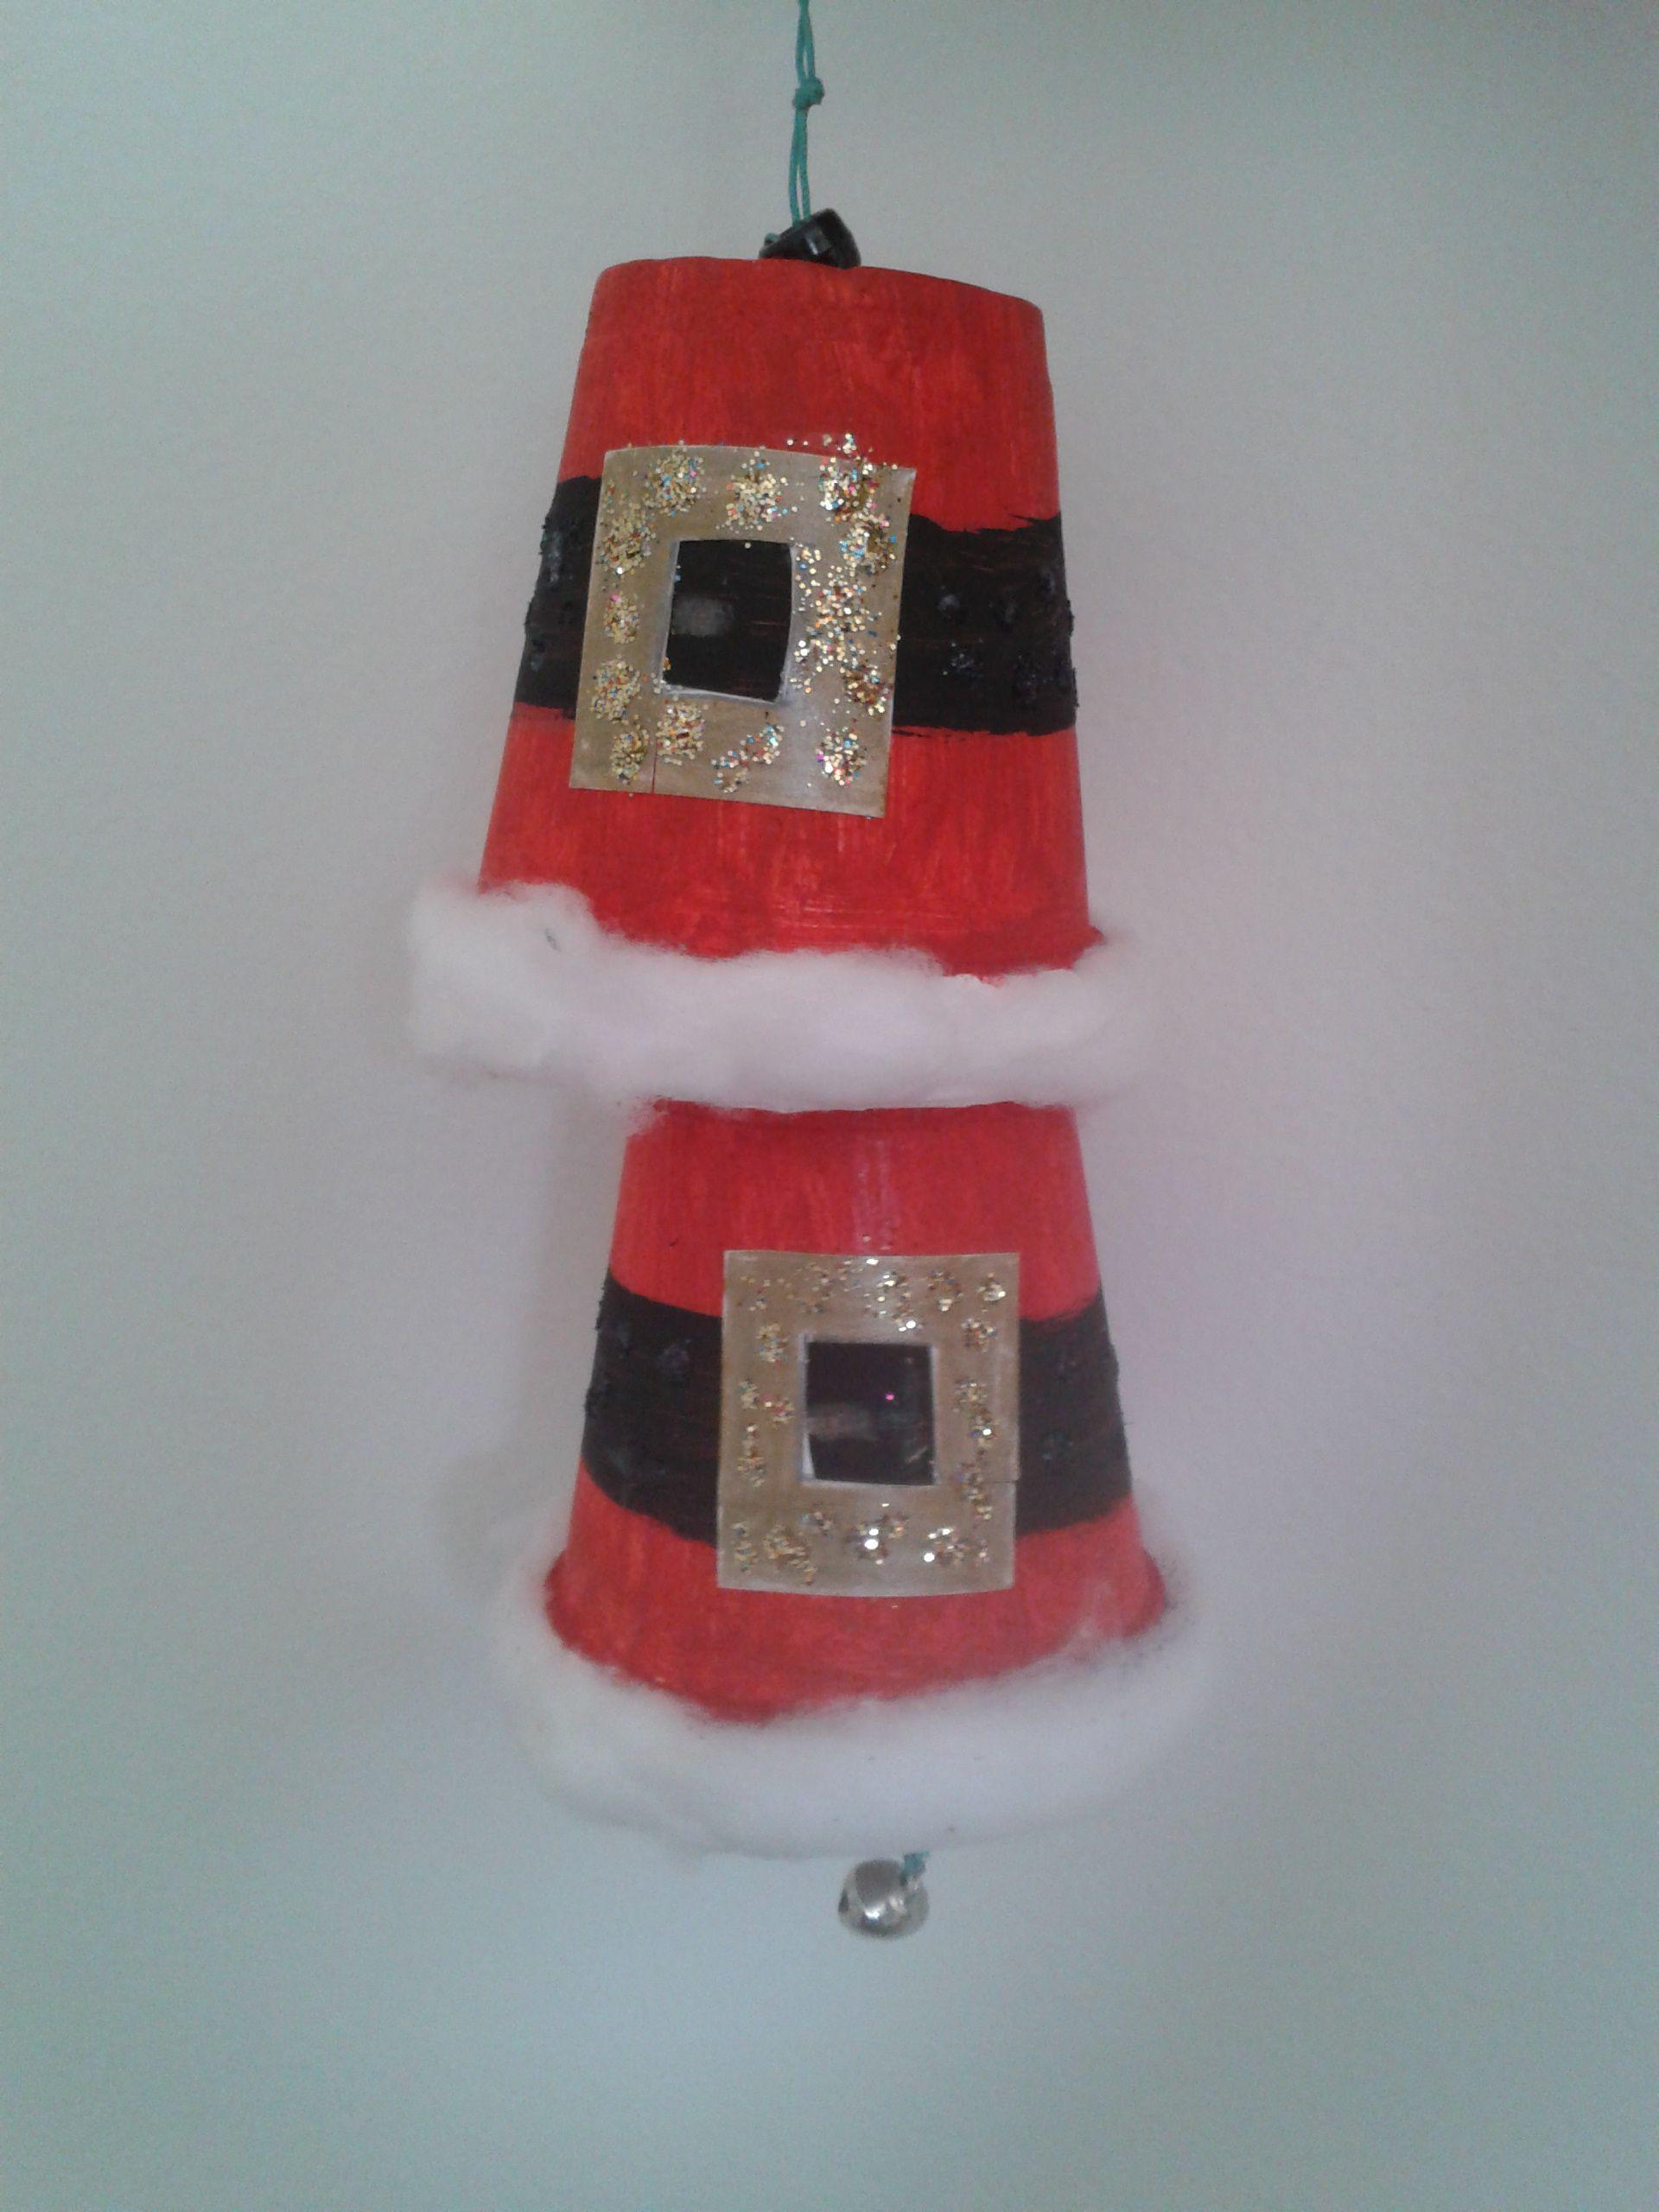 Manualidades De Navidad Campanas.Campanas En Vasos De Icopor Manualidades Navidad